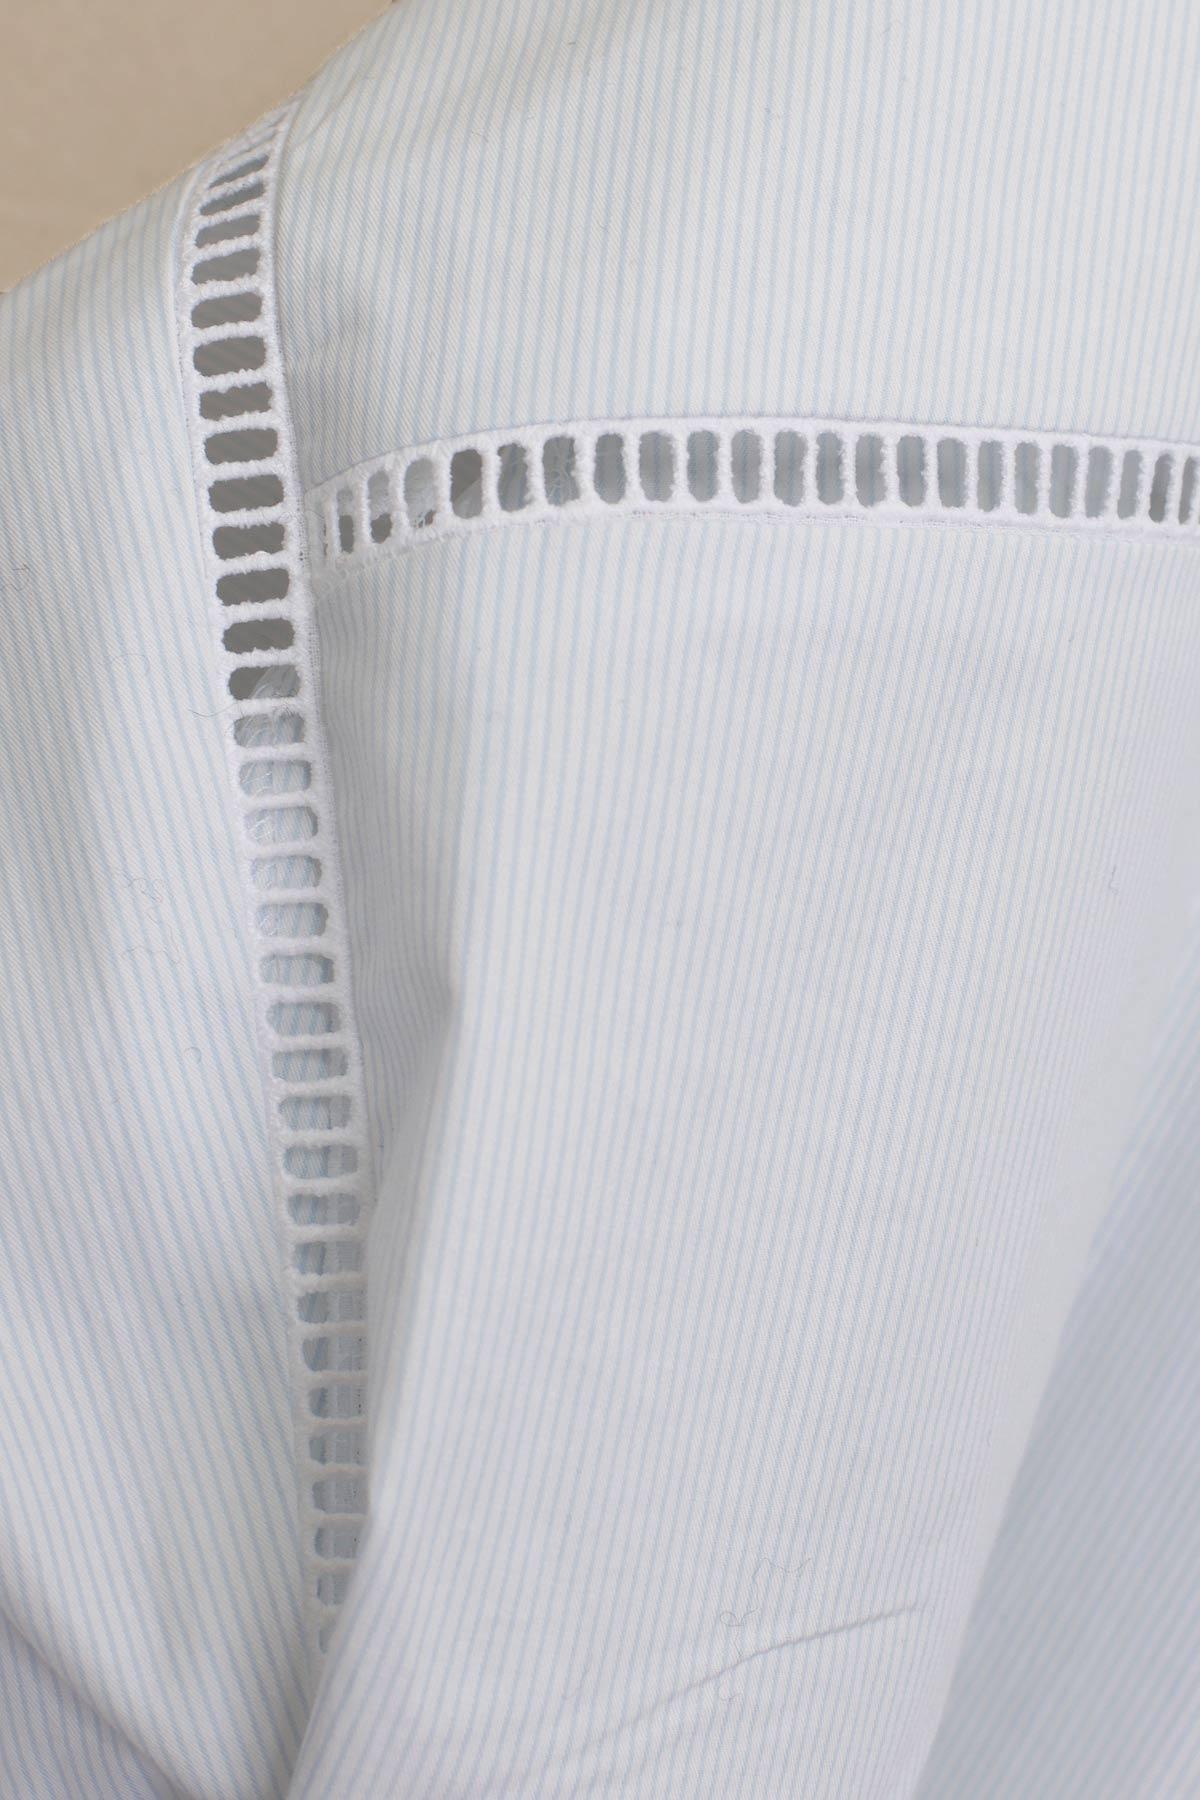 Paula-Immich-Weisses Baumwollkleid mit Hohlsaumstickerei und feinen Streifen